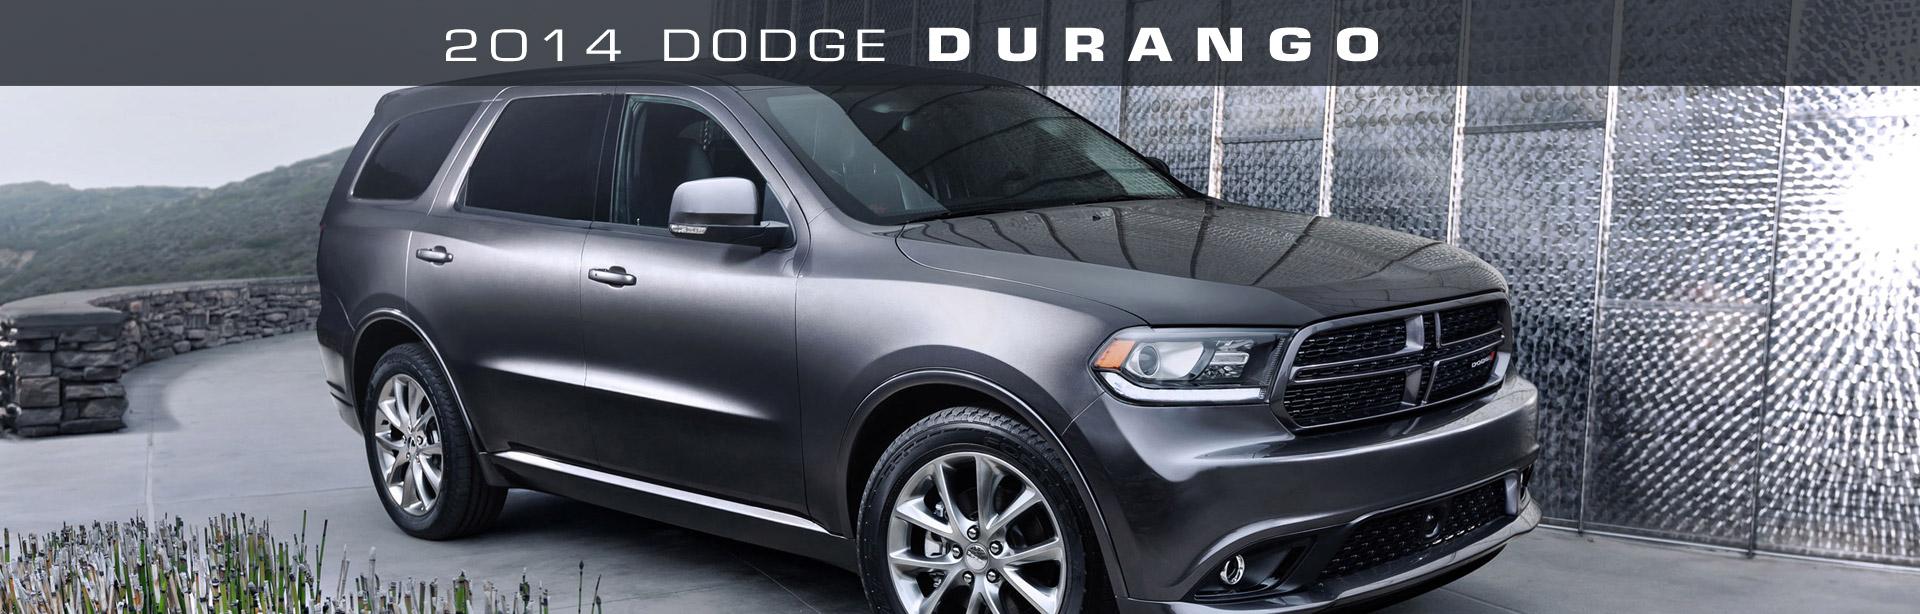 Dodge Durango at Briggs